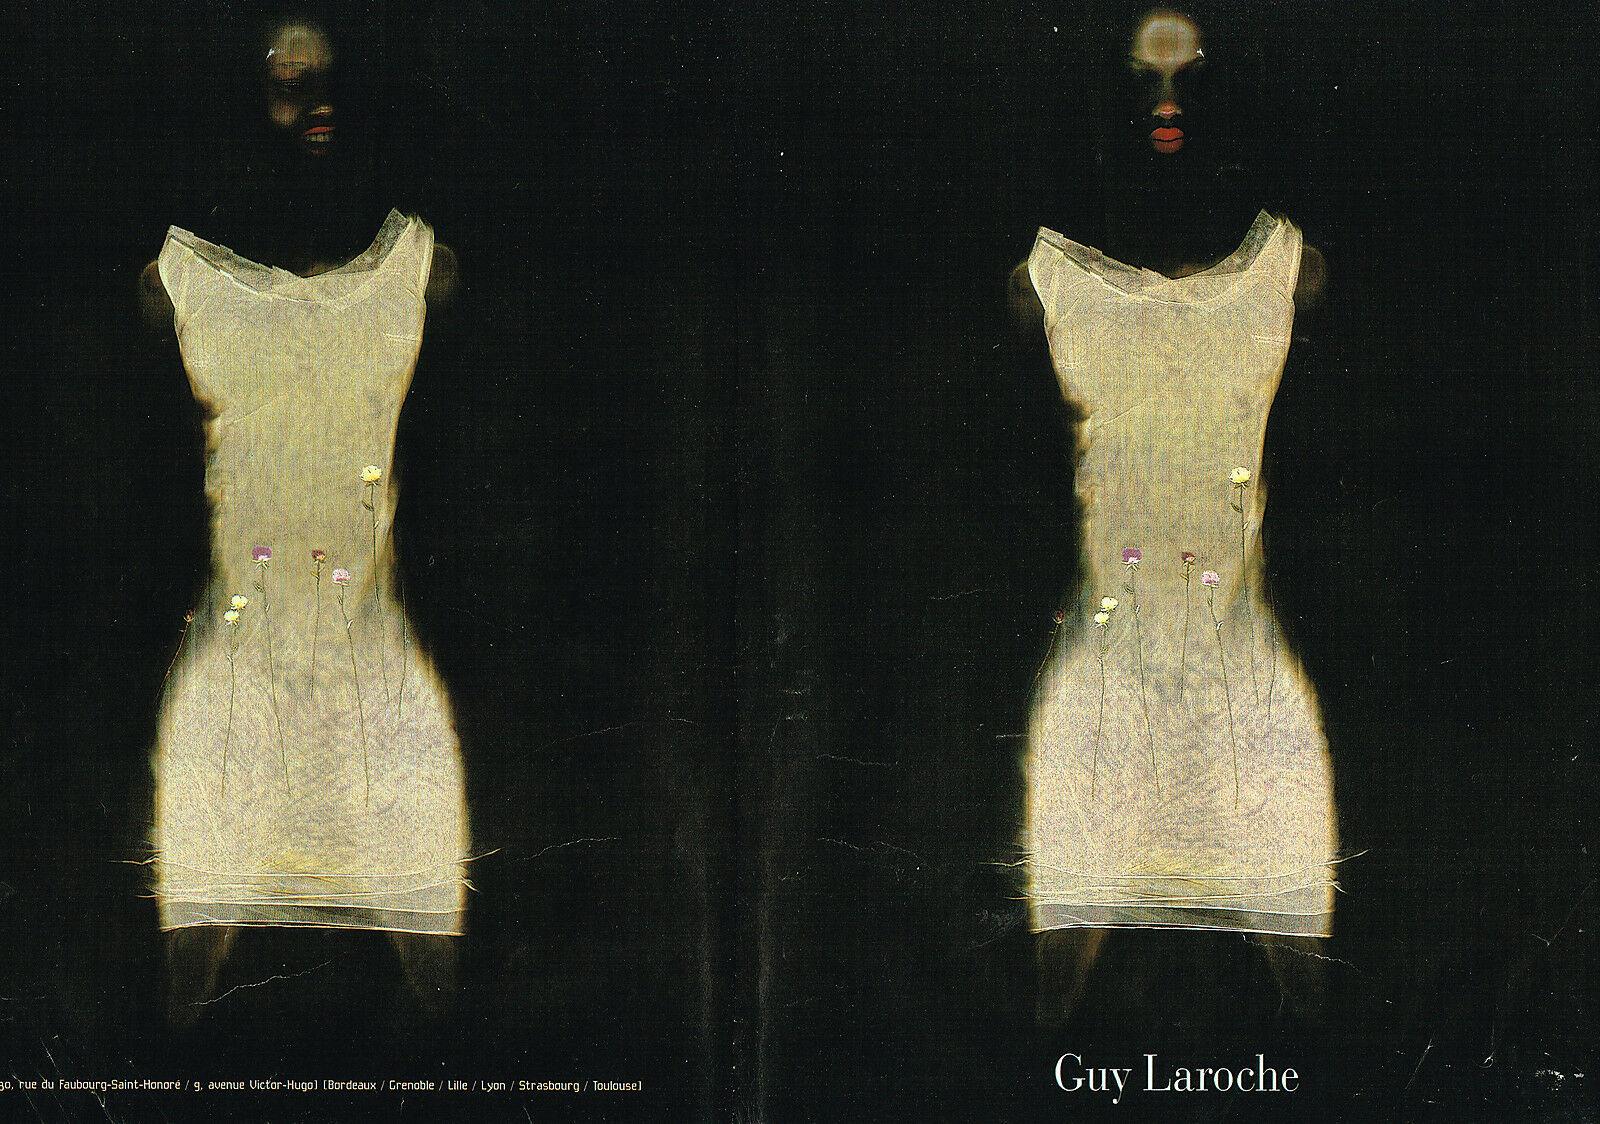 1998 GUY LAROCHE A2